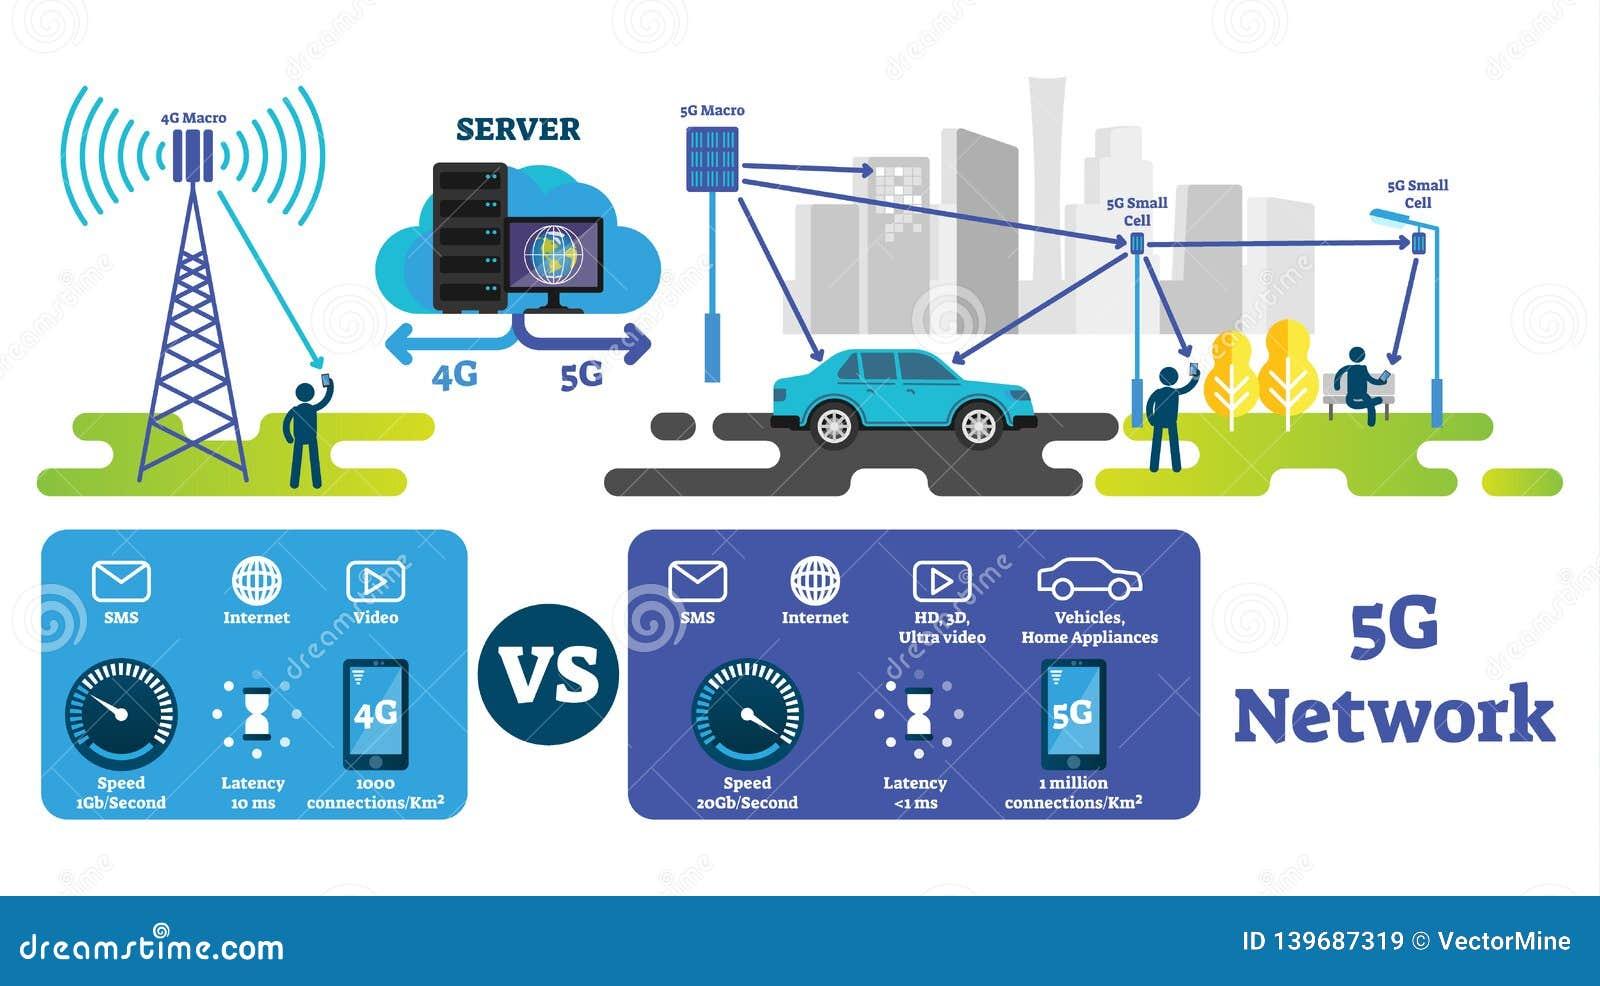 Illustration des Vektors 5G Schnellstes drahtloses Internet verglichen mit Netz 4G